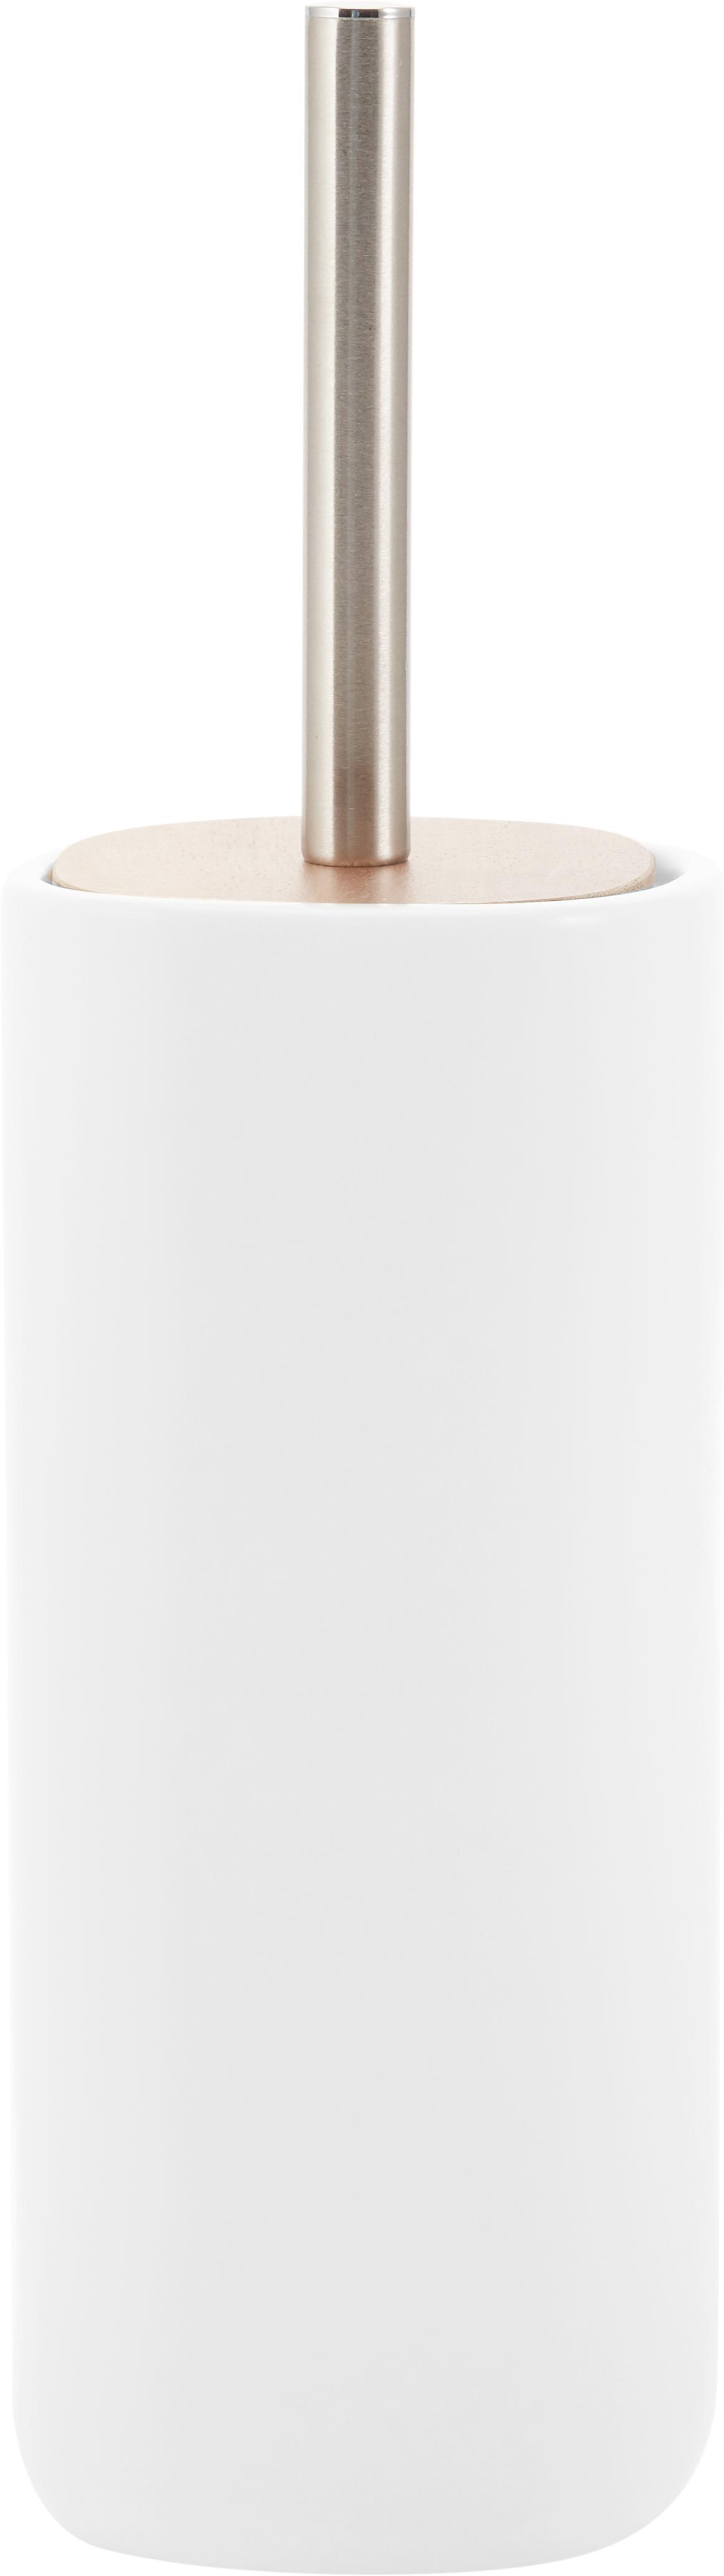 Escobilla de baño Wili, Recipiente: cerámica, Asa: acero inoxidable cromado, Blanco, madera de acacia, Ø 11 x Al 37 cm